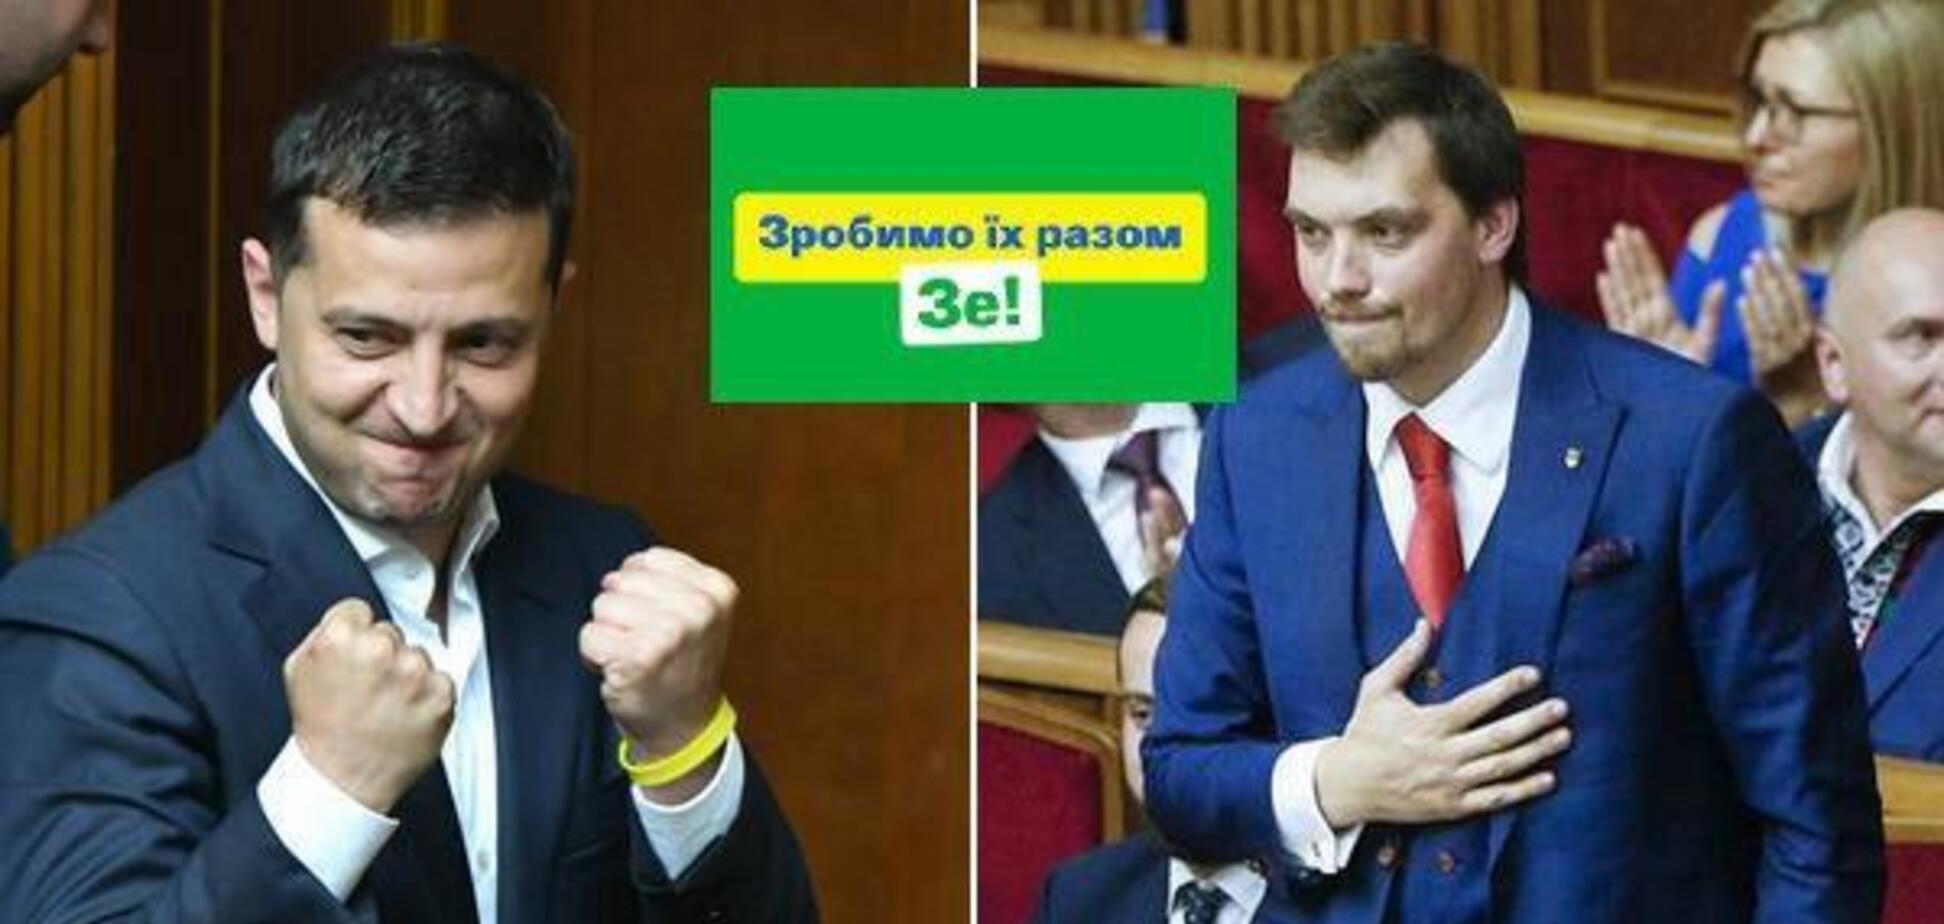 Розенко заявив про підвищення зарплат нардепів до 100 тисяч: Разумков відповів